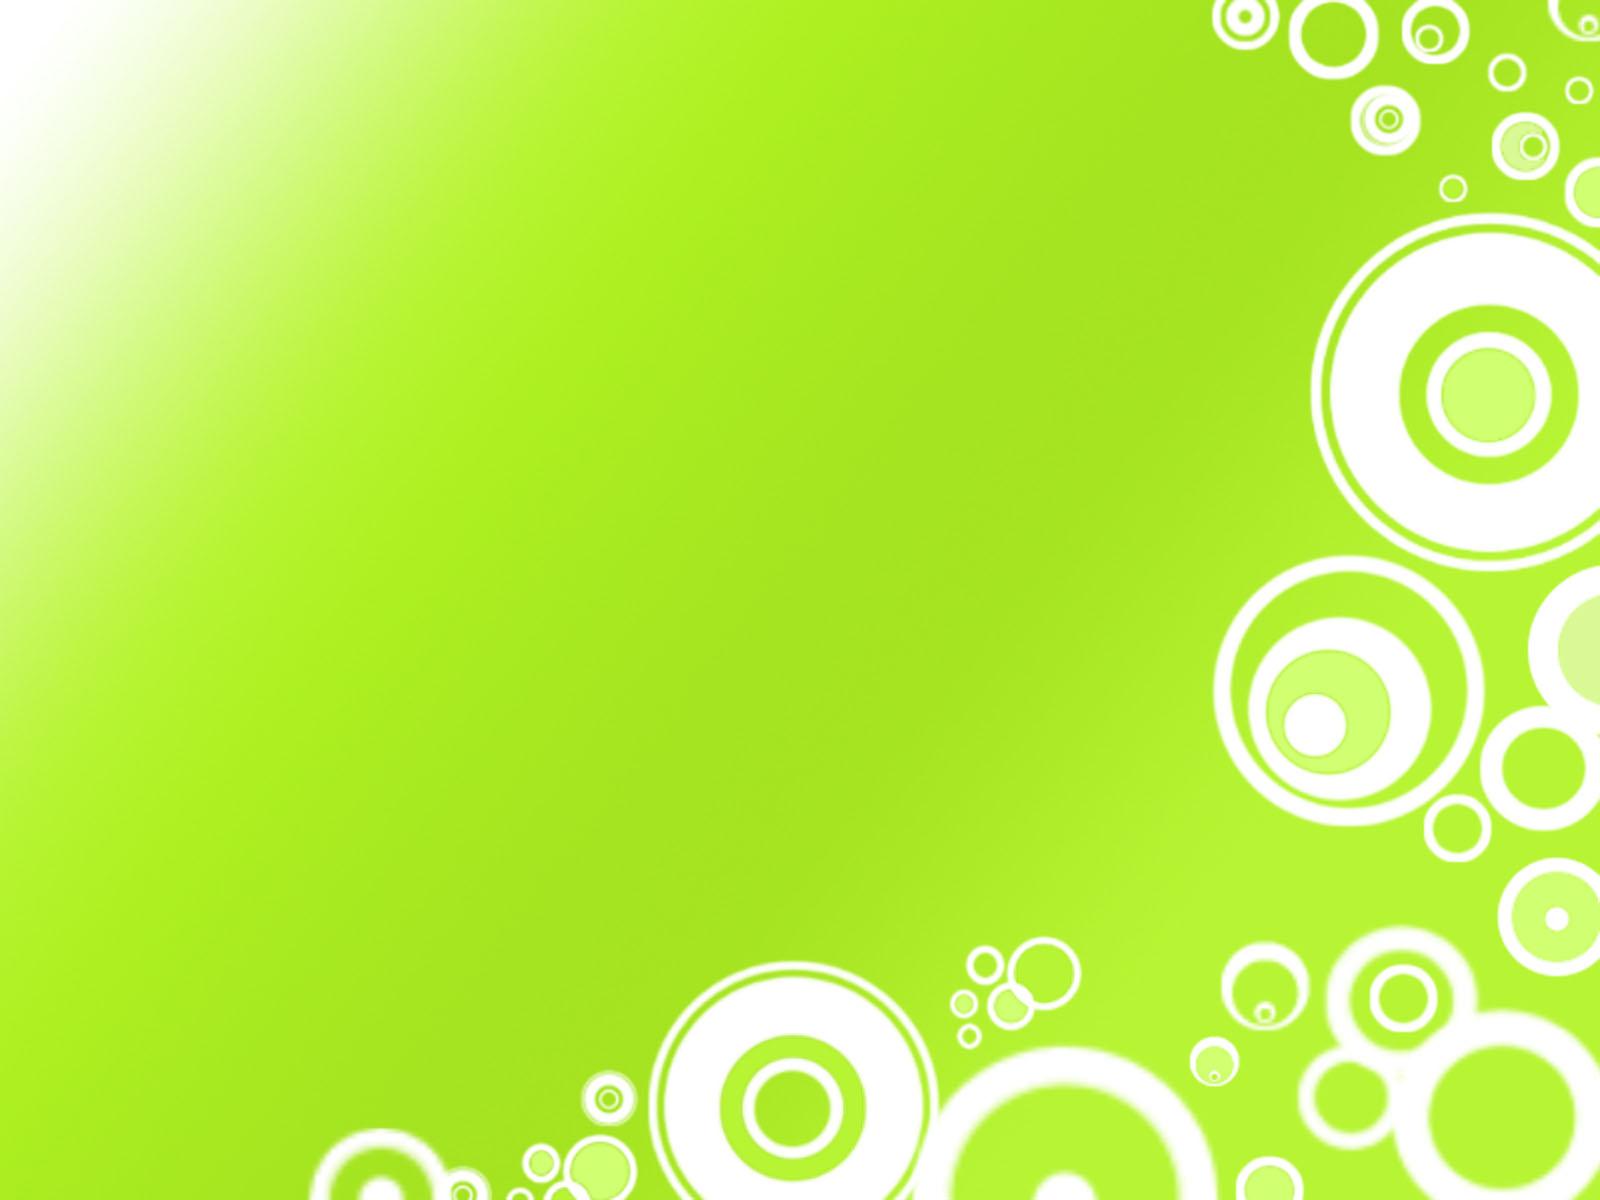 Light Green Wallpapers Desktop Wallpaper Collection 1600x1200